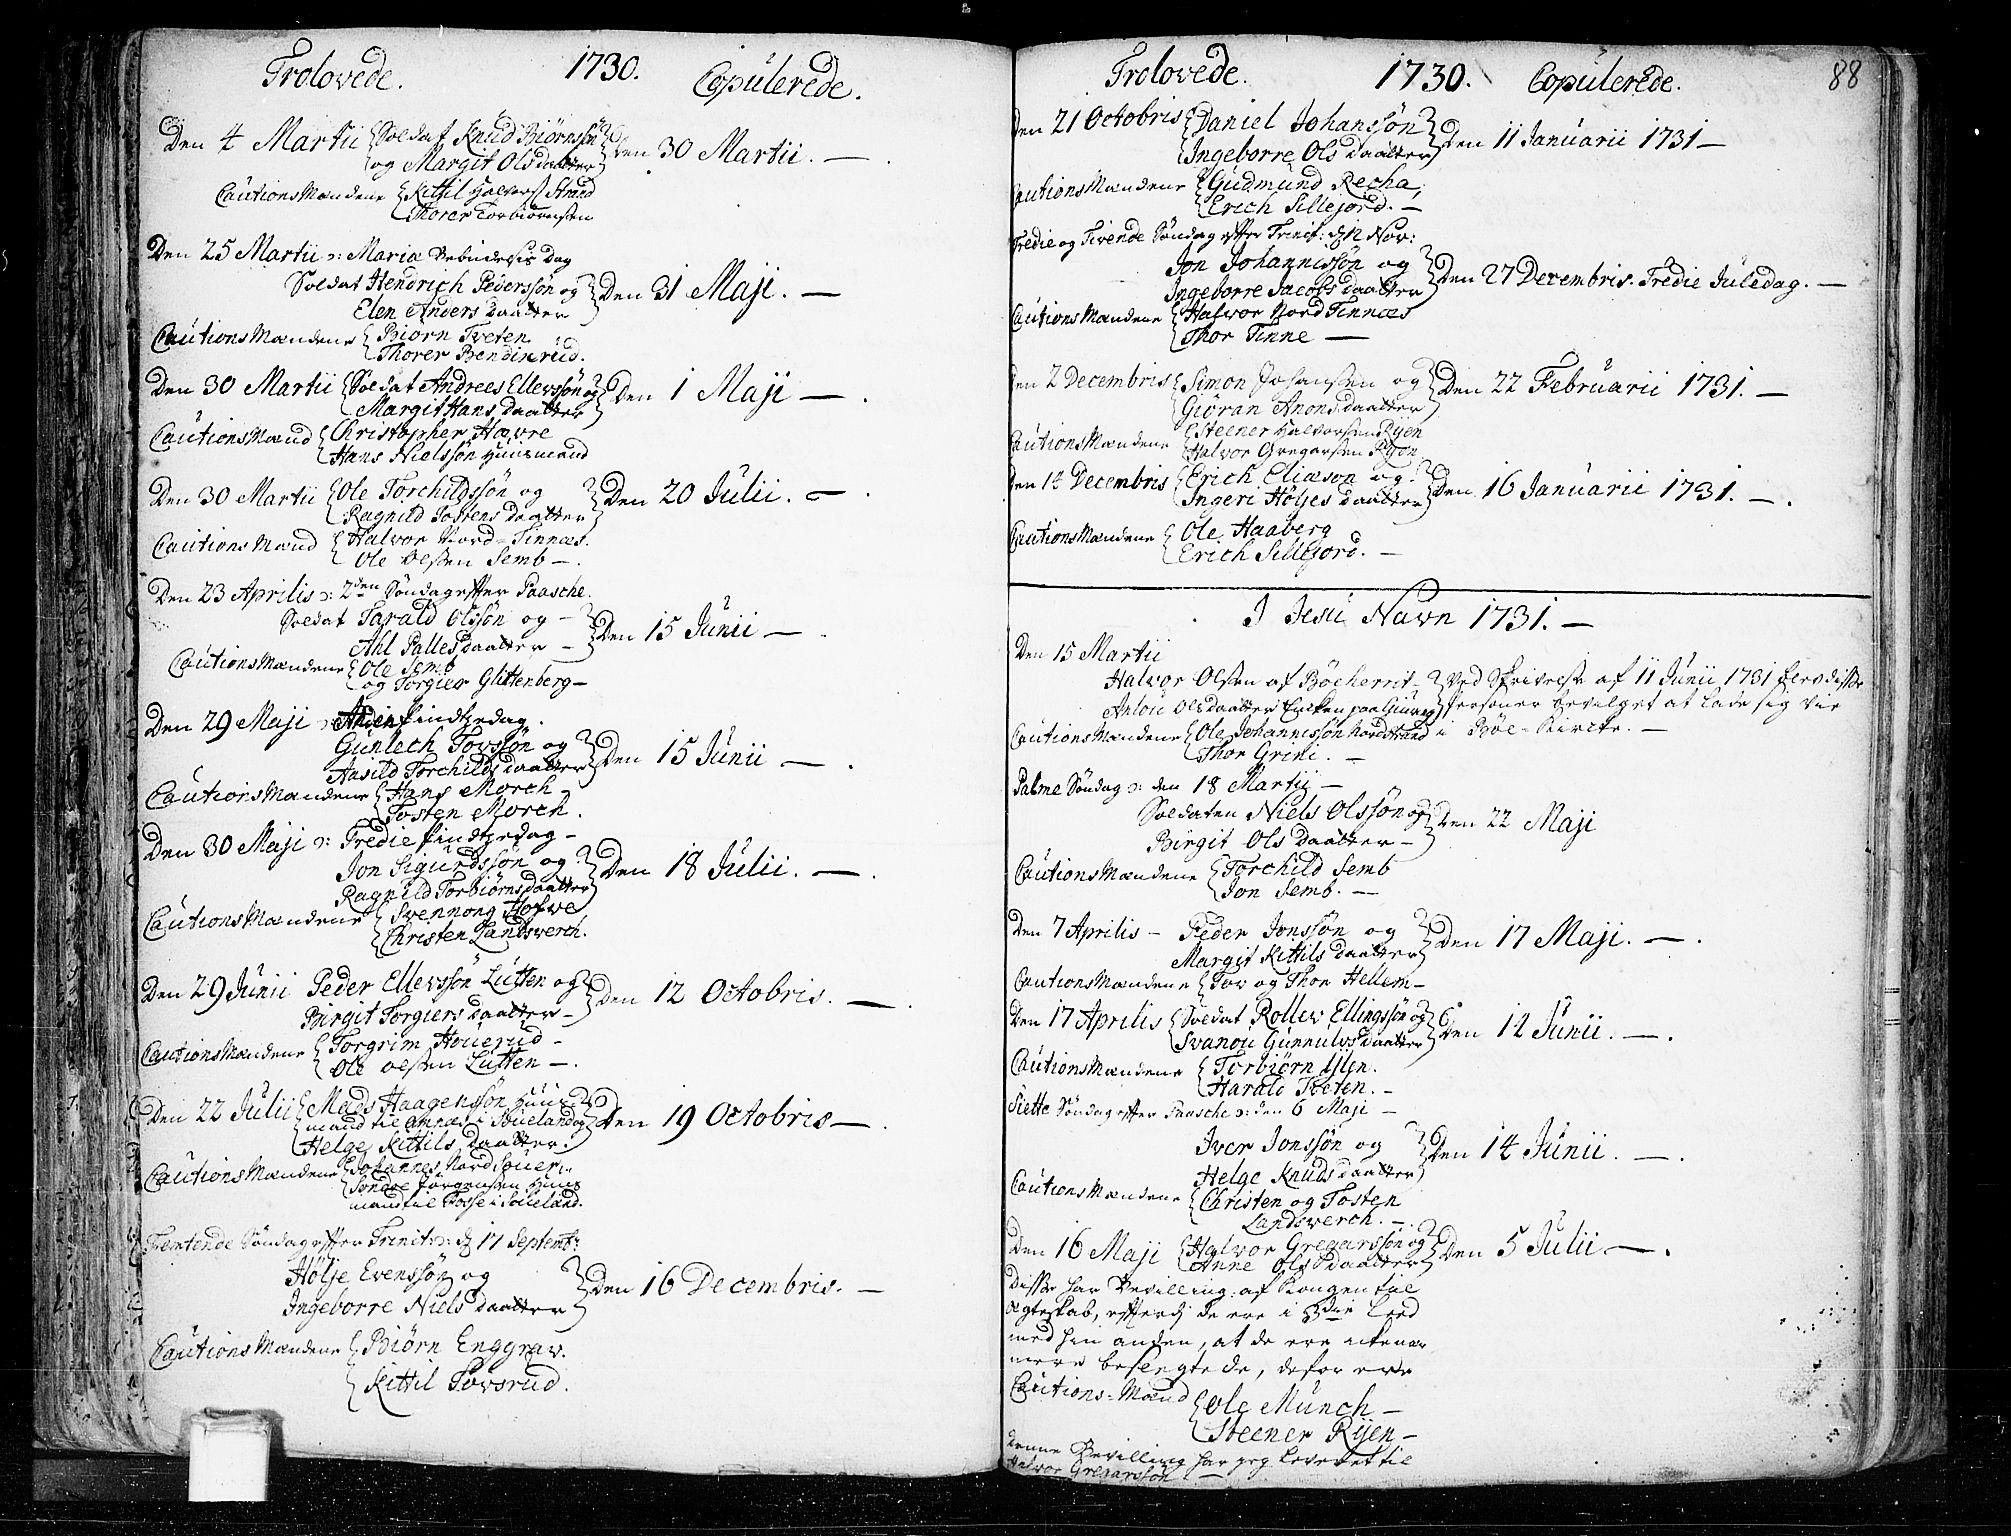 SAKO, Heddal kirkebøker, F/Fa/L0003: Ministerialbok nr. I 3, 1723-1783, s. 88